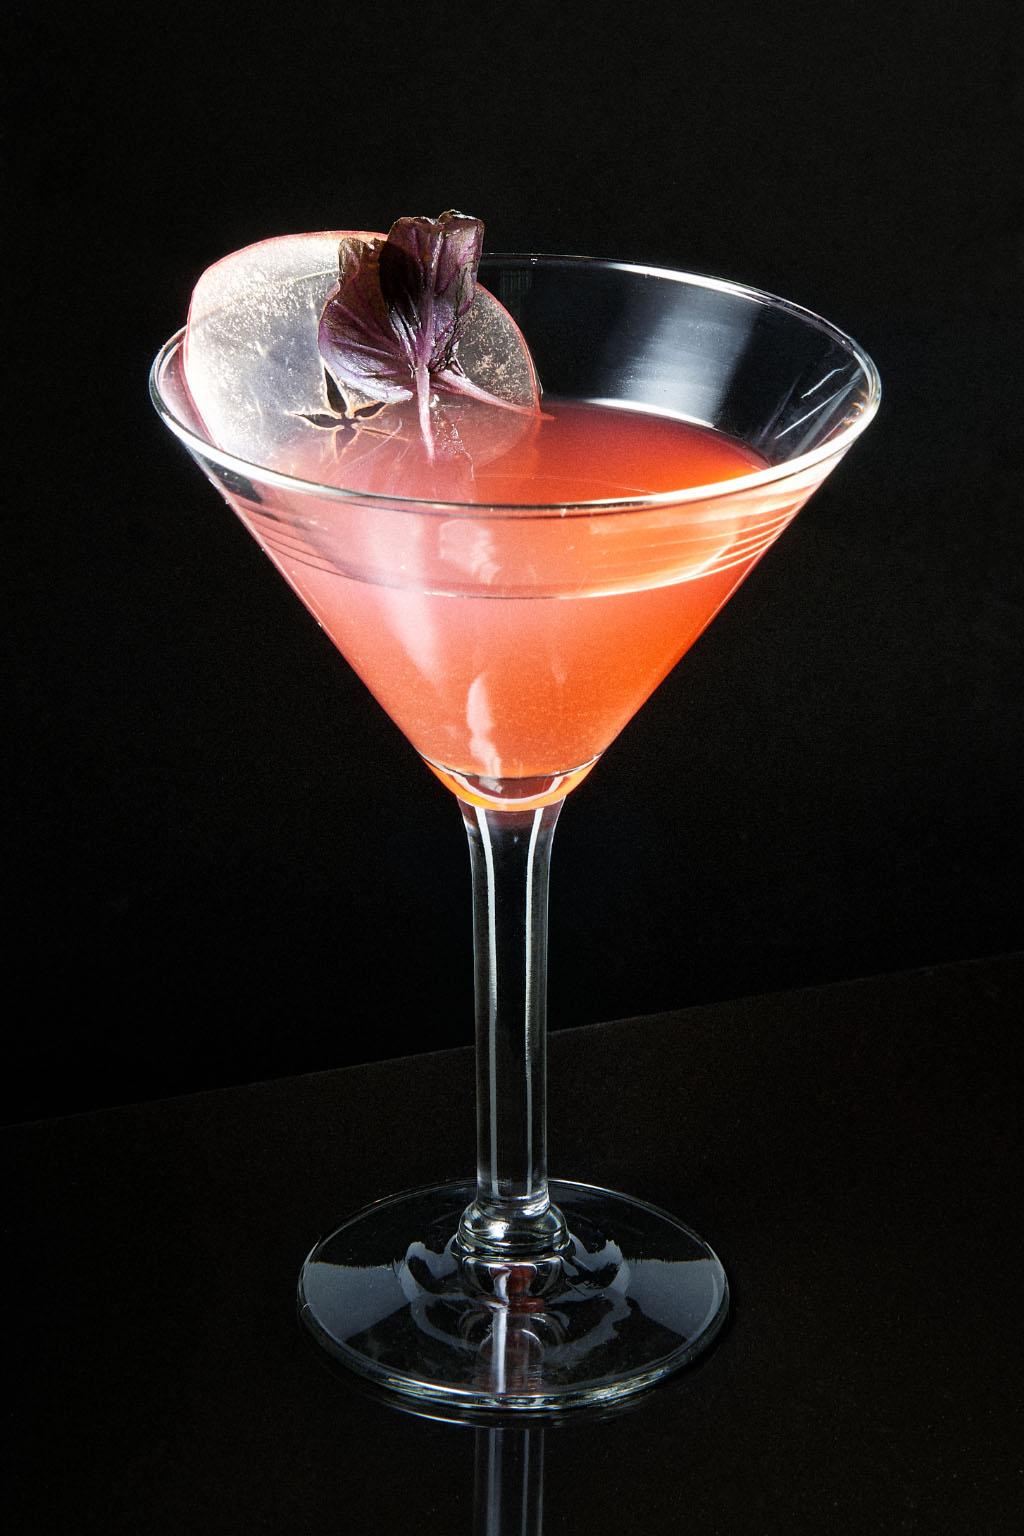 логично картинка фужер мартини друзей сердечно поздравляем